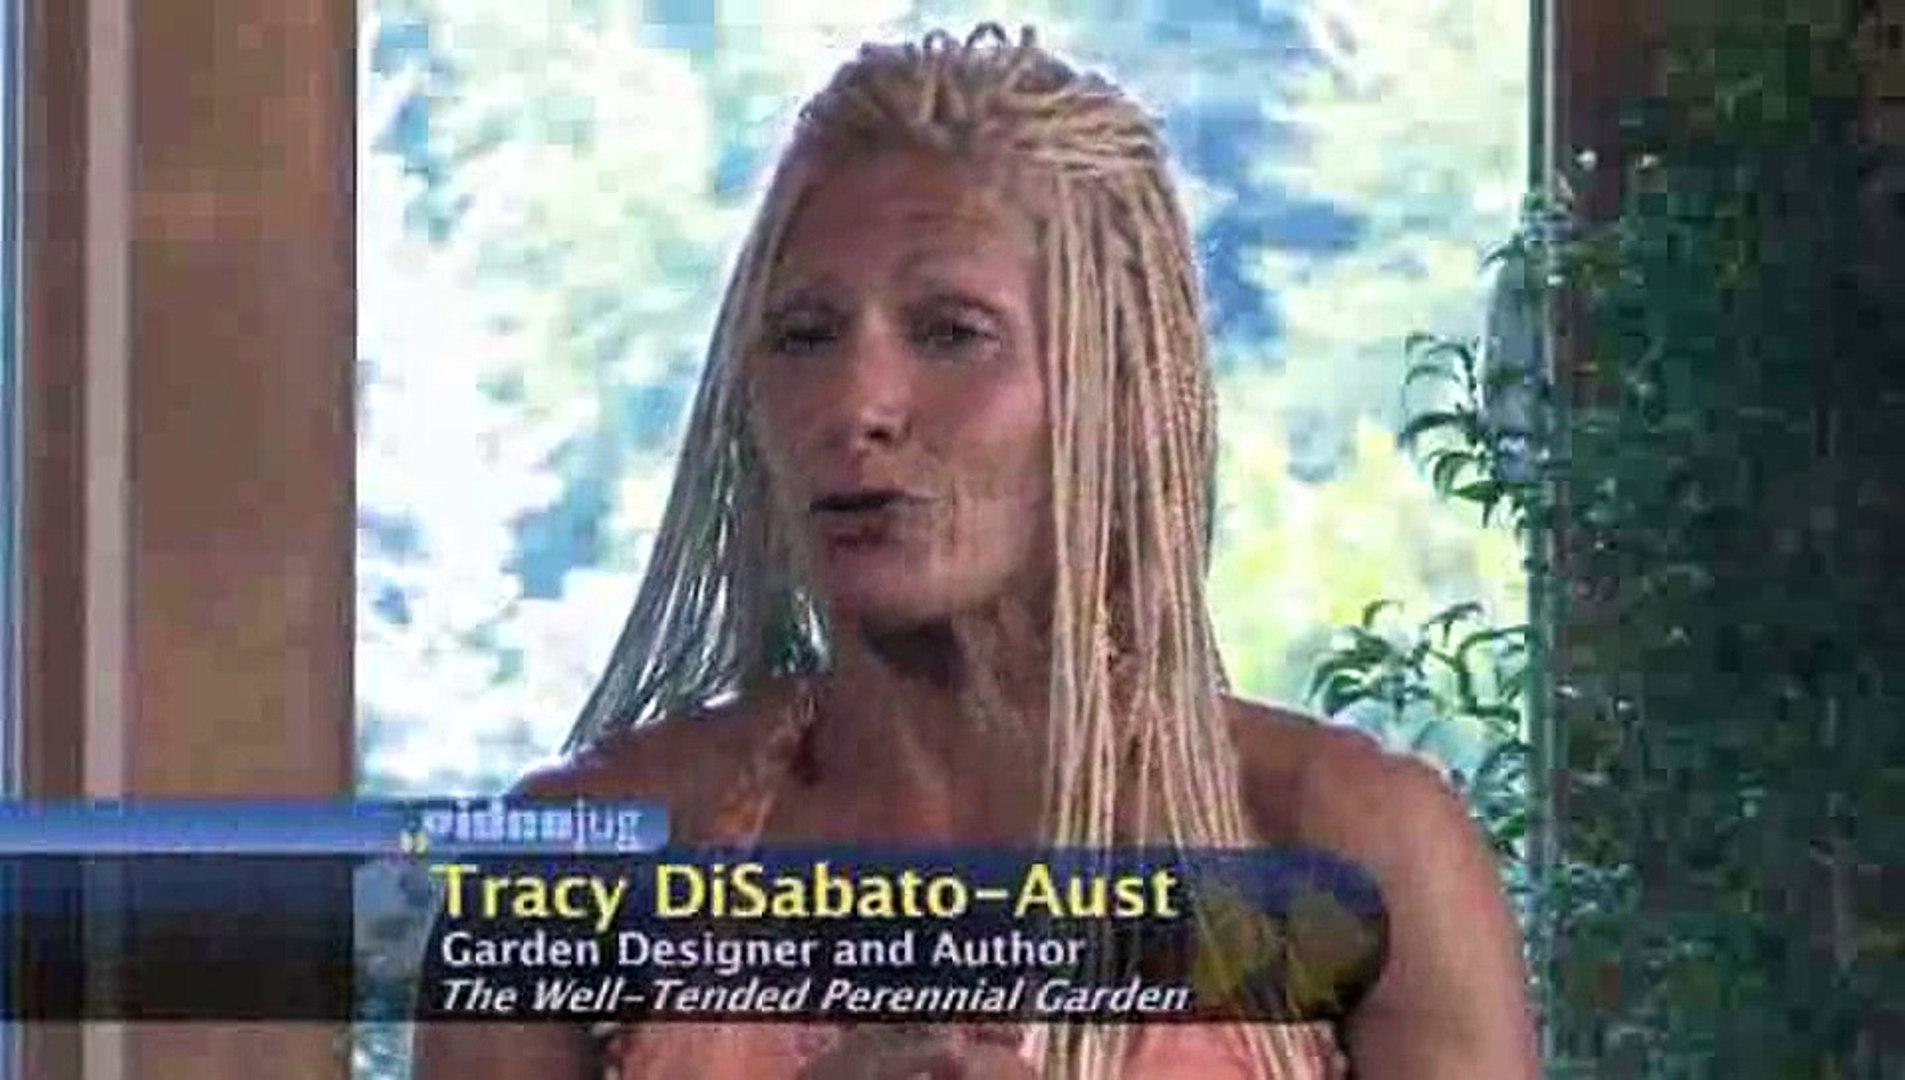 What factors will determine my garden design?: Garden Design